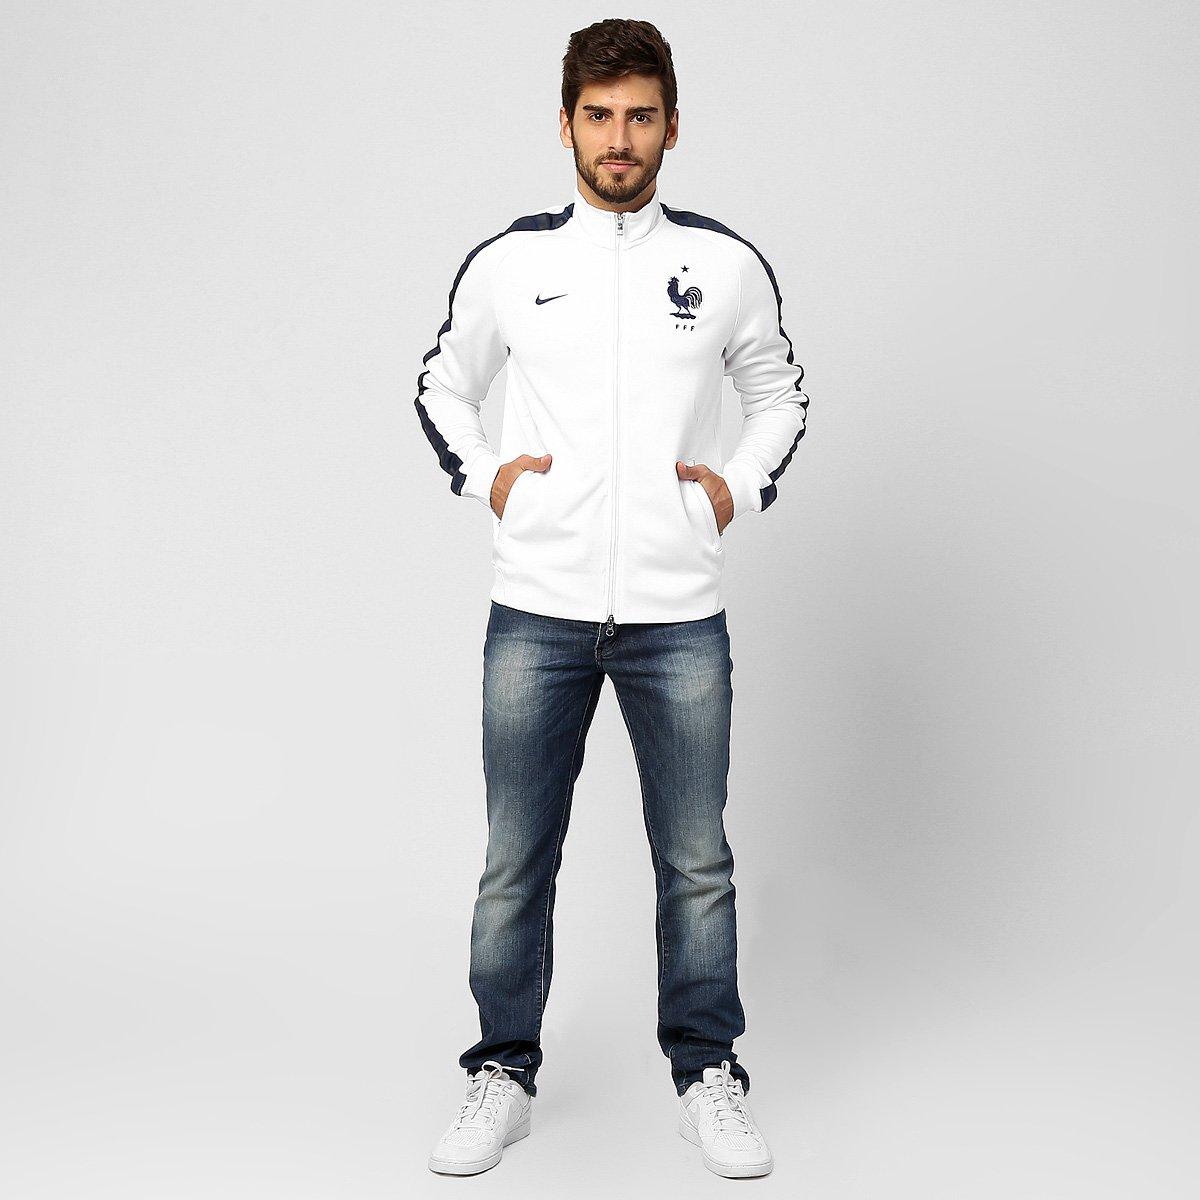 fddf029140 Jaqueta Nike Seleção França Authentic - Compre Agora